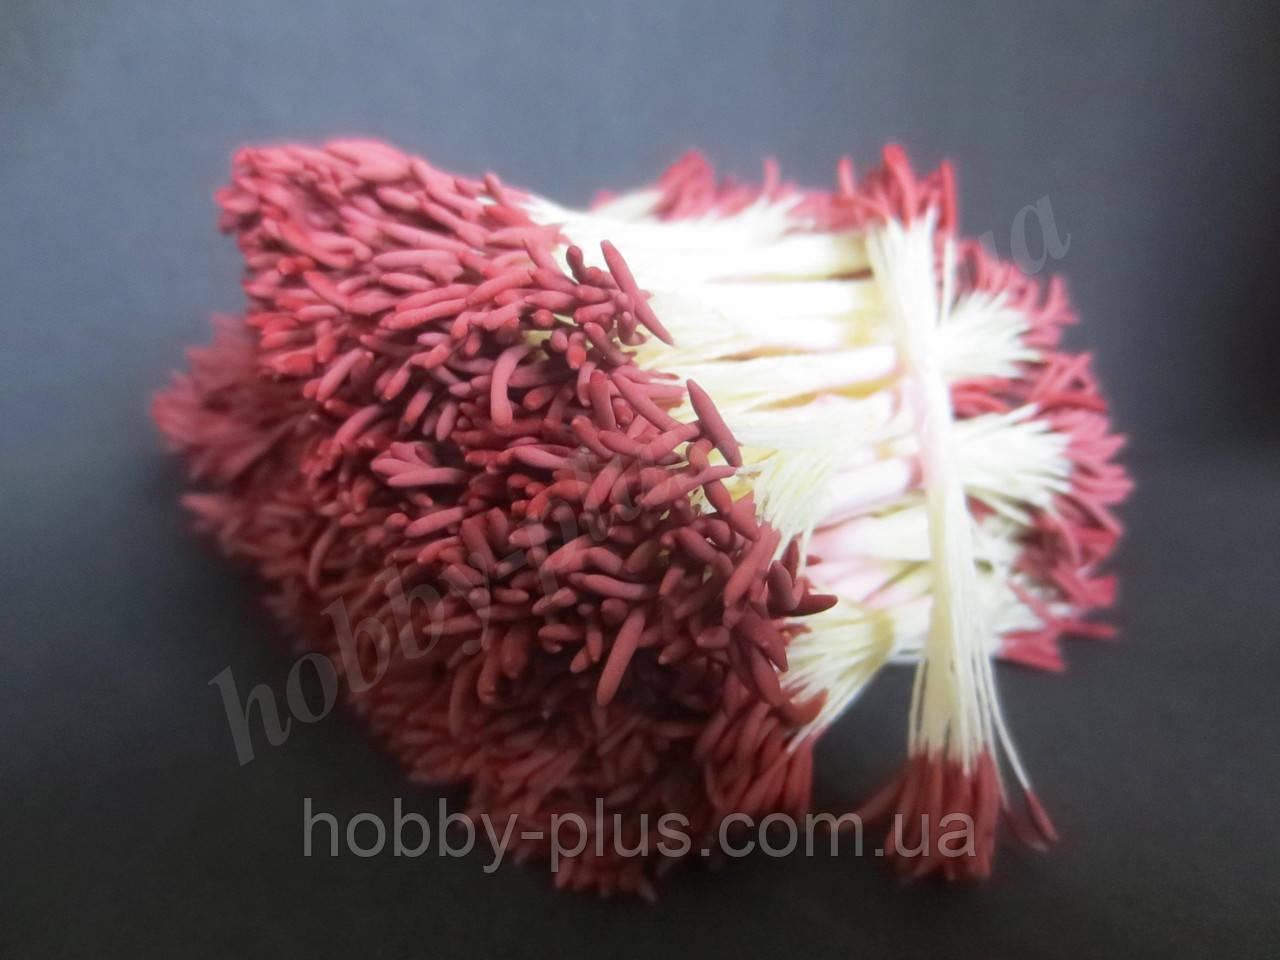 Тайские тычинки, КОРИЧНЕВЫЕ, удлиненные на светло-желтой нити, 23-25 нитей, 50 головок